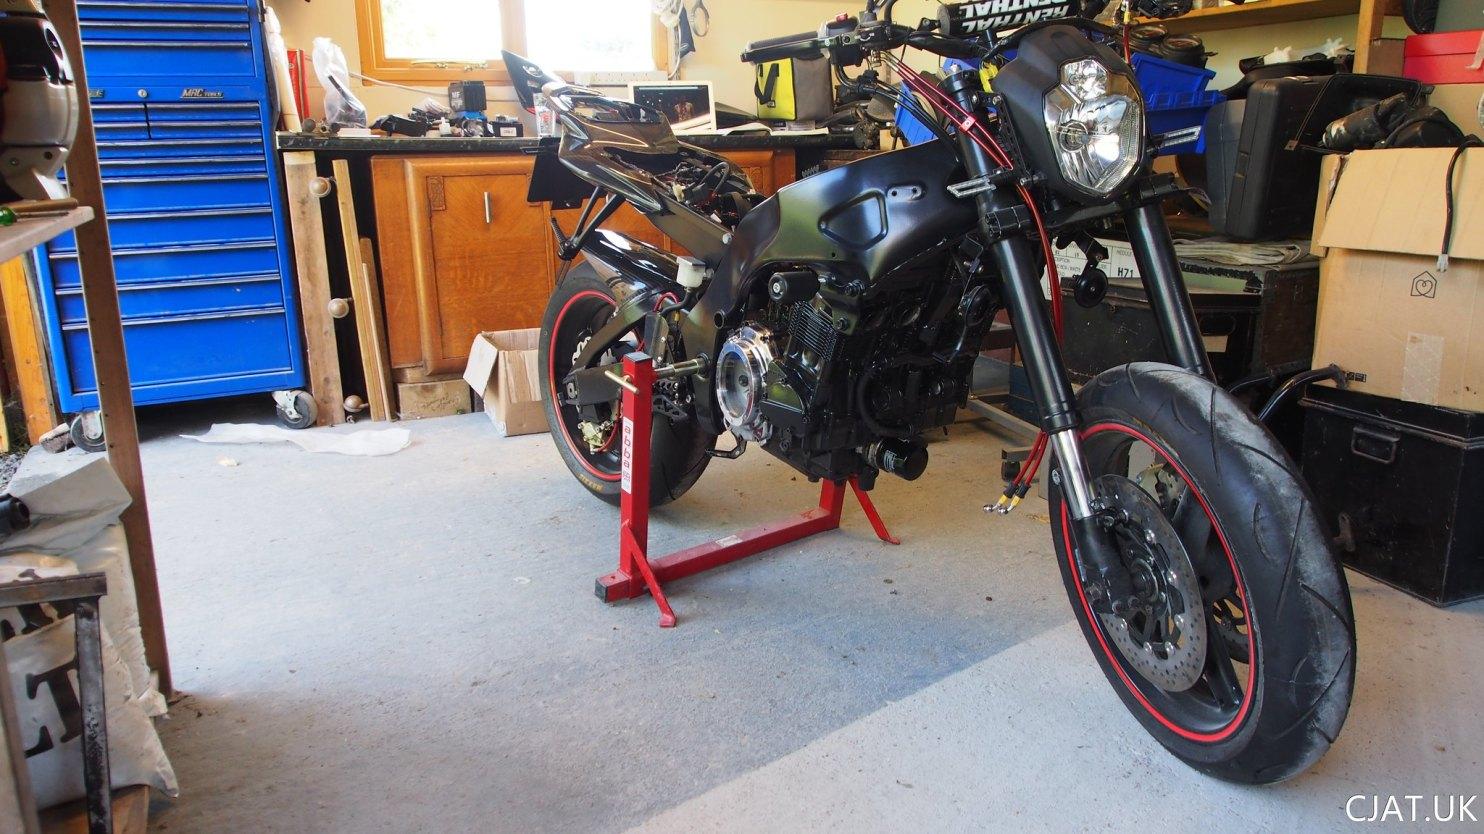 Suzuki RF900 StreetFighter engine installed